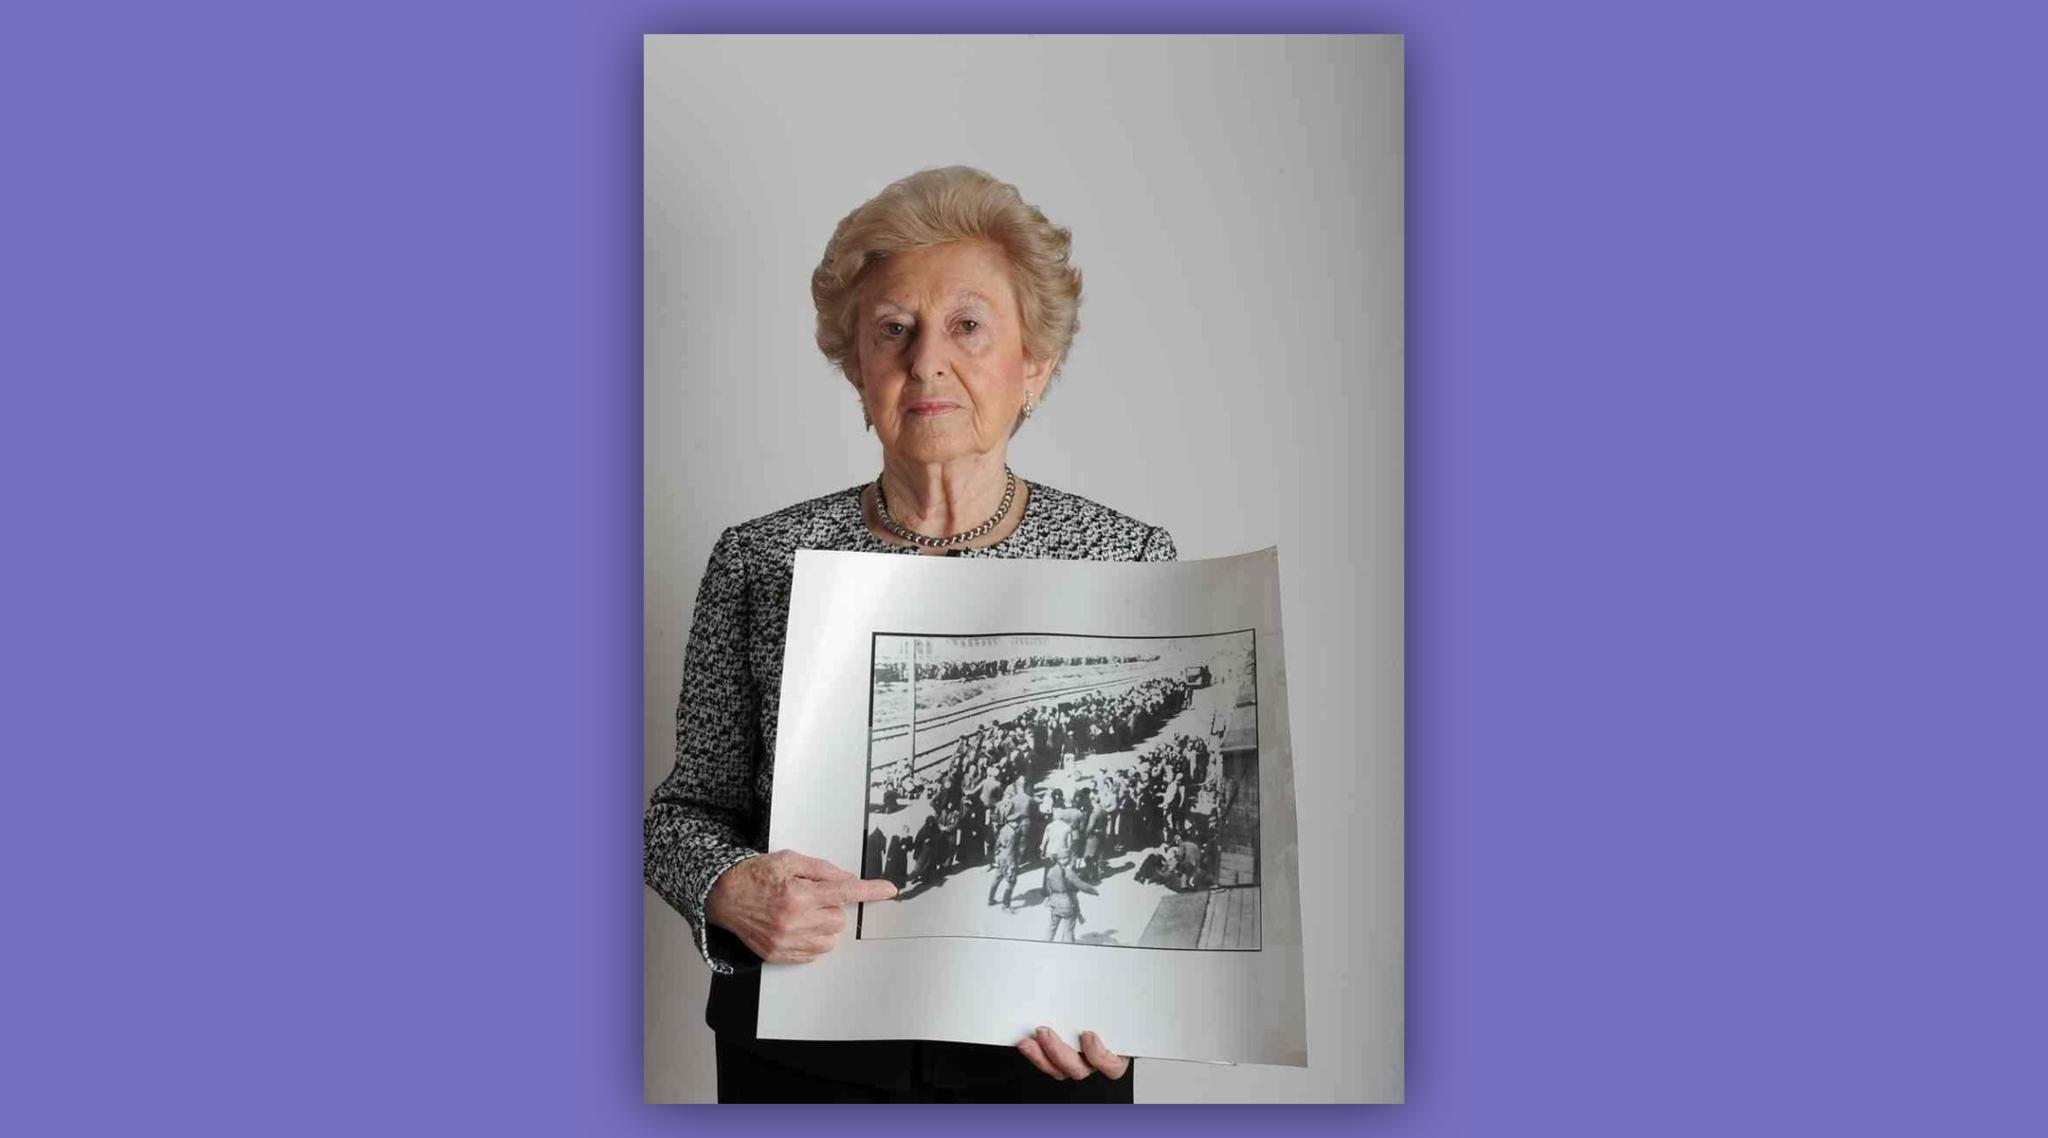 Irene Fogel Weiss avec une photo la montrant à son arrivée à Auschwitz au mois de mai 1944. (Autorisation :  Lesley Weiss/ via JTA)